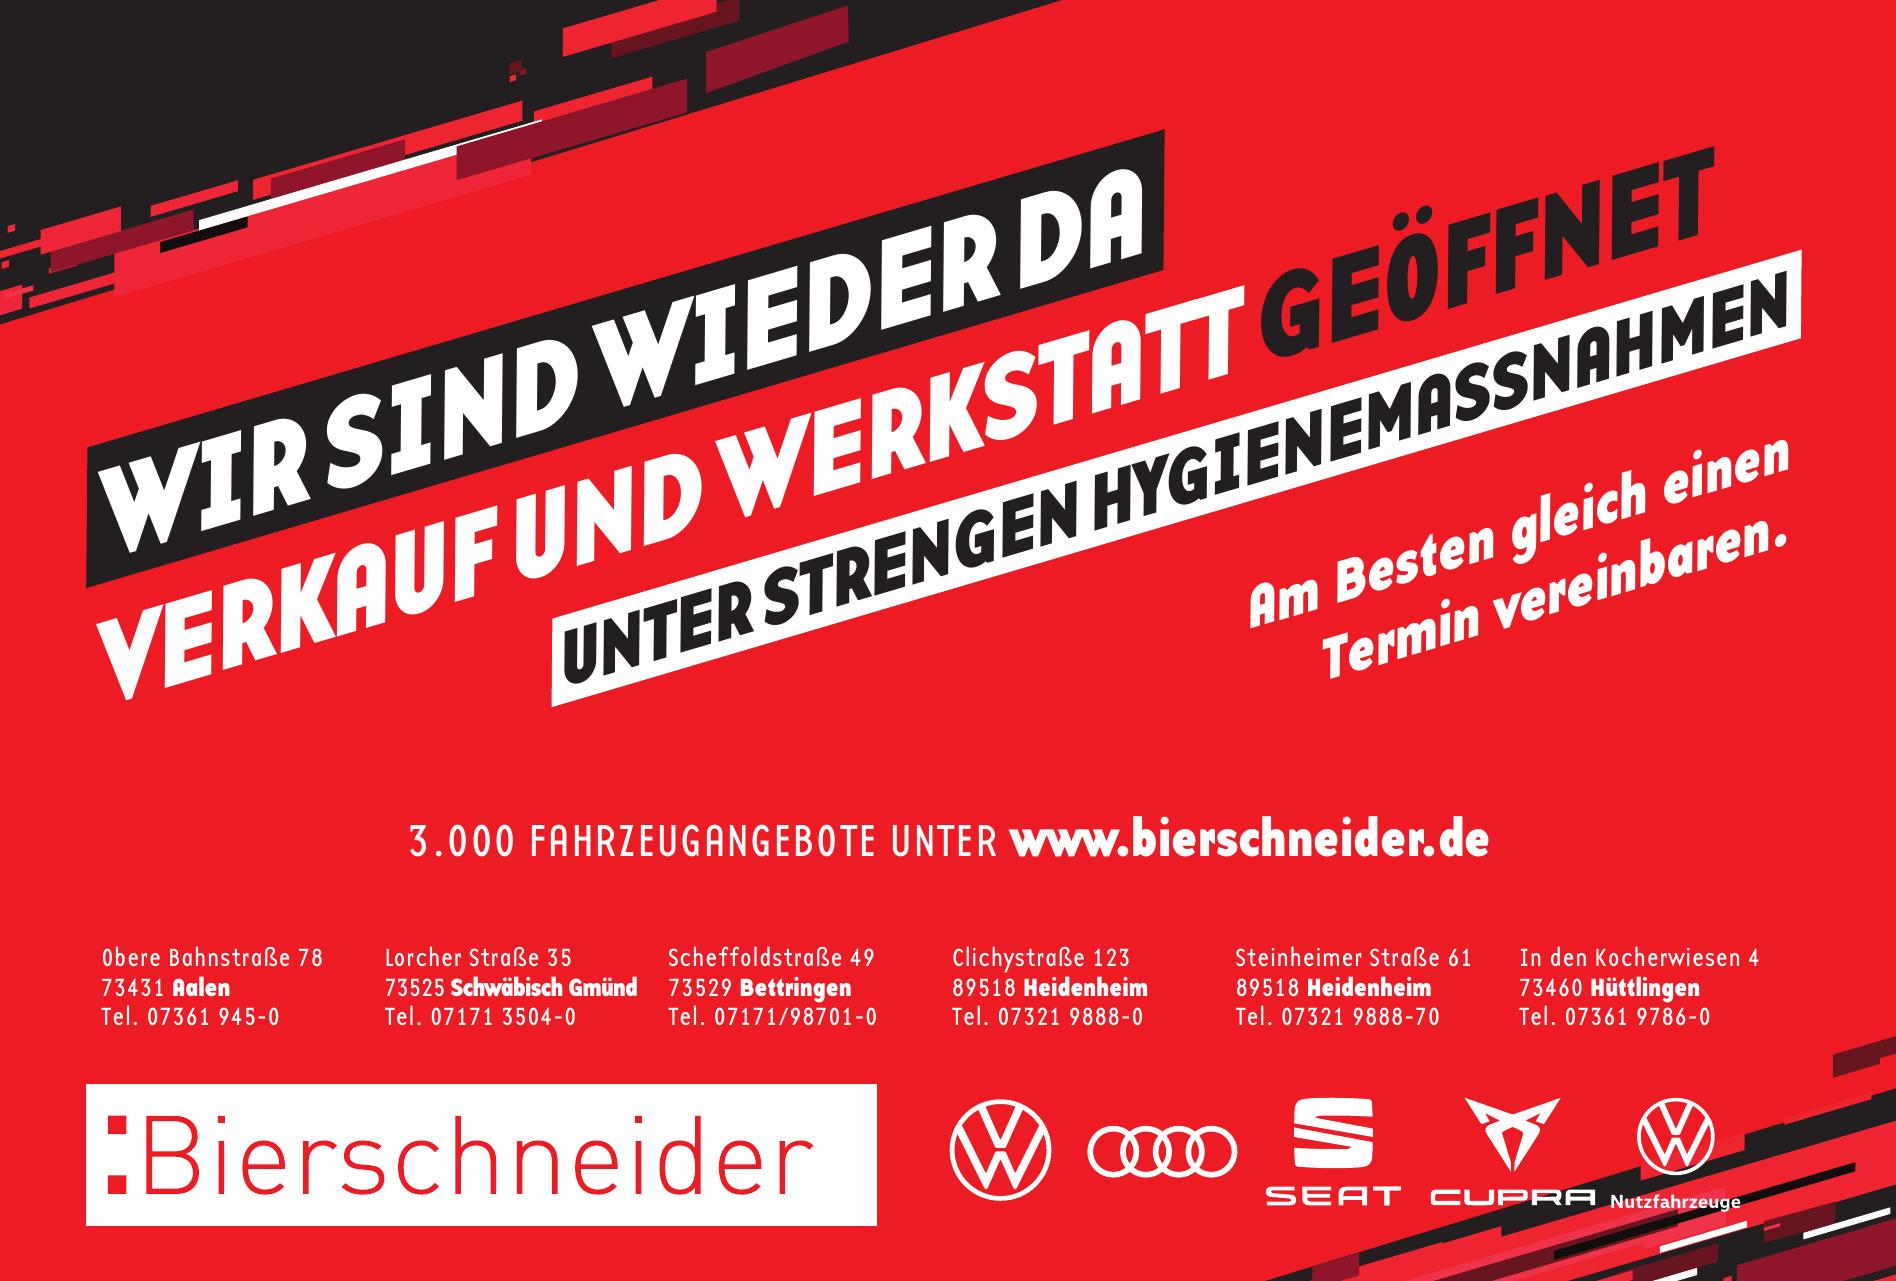 Bierschneider